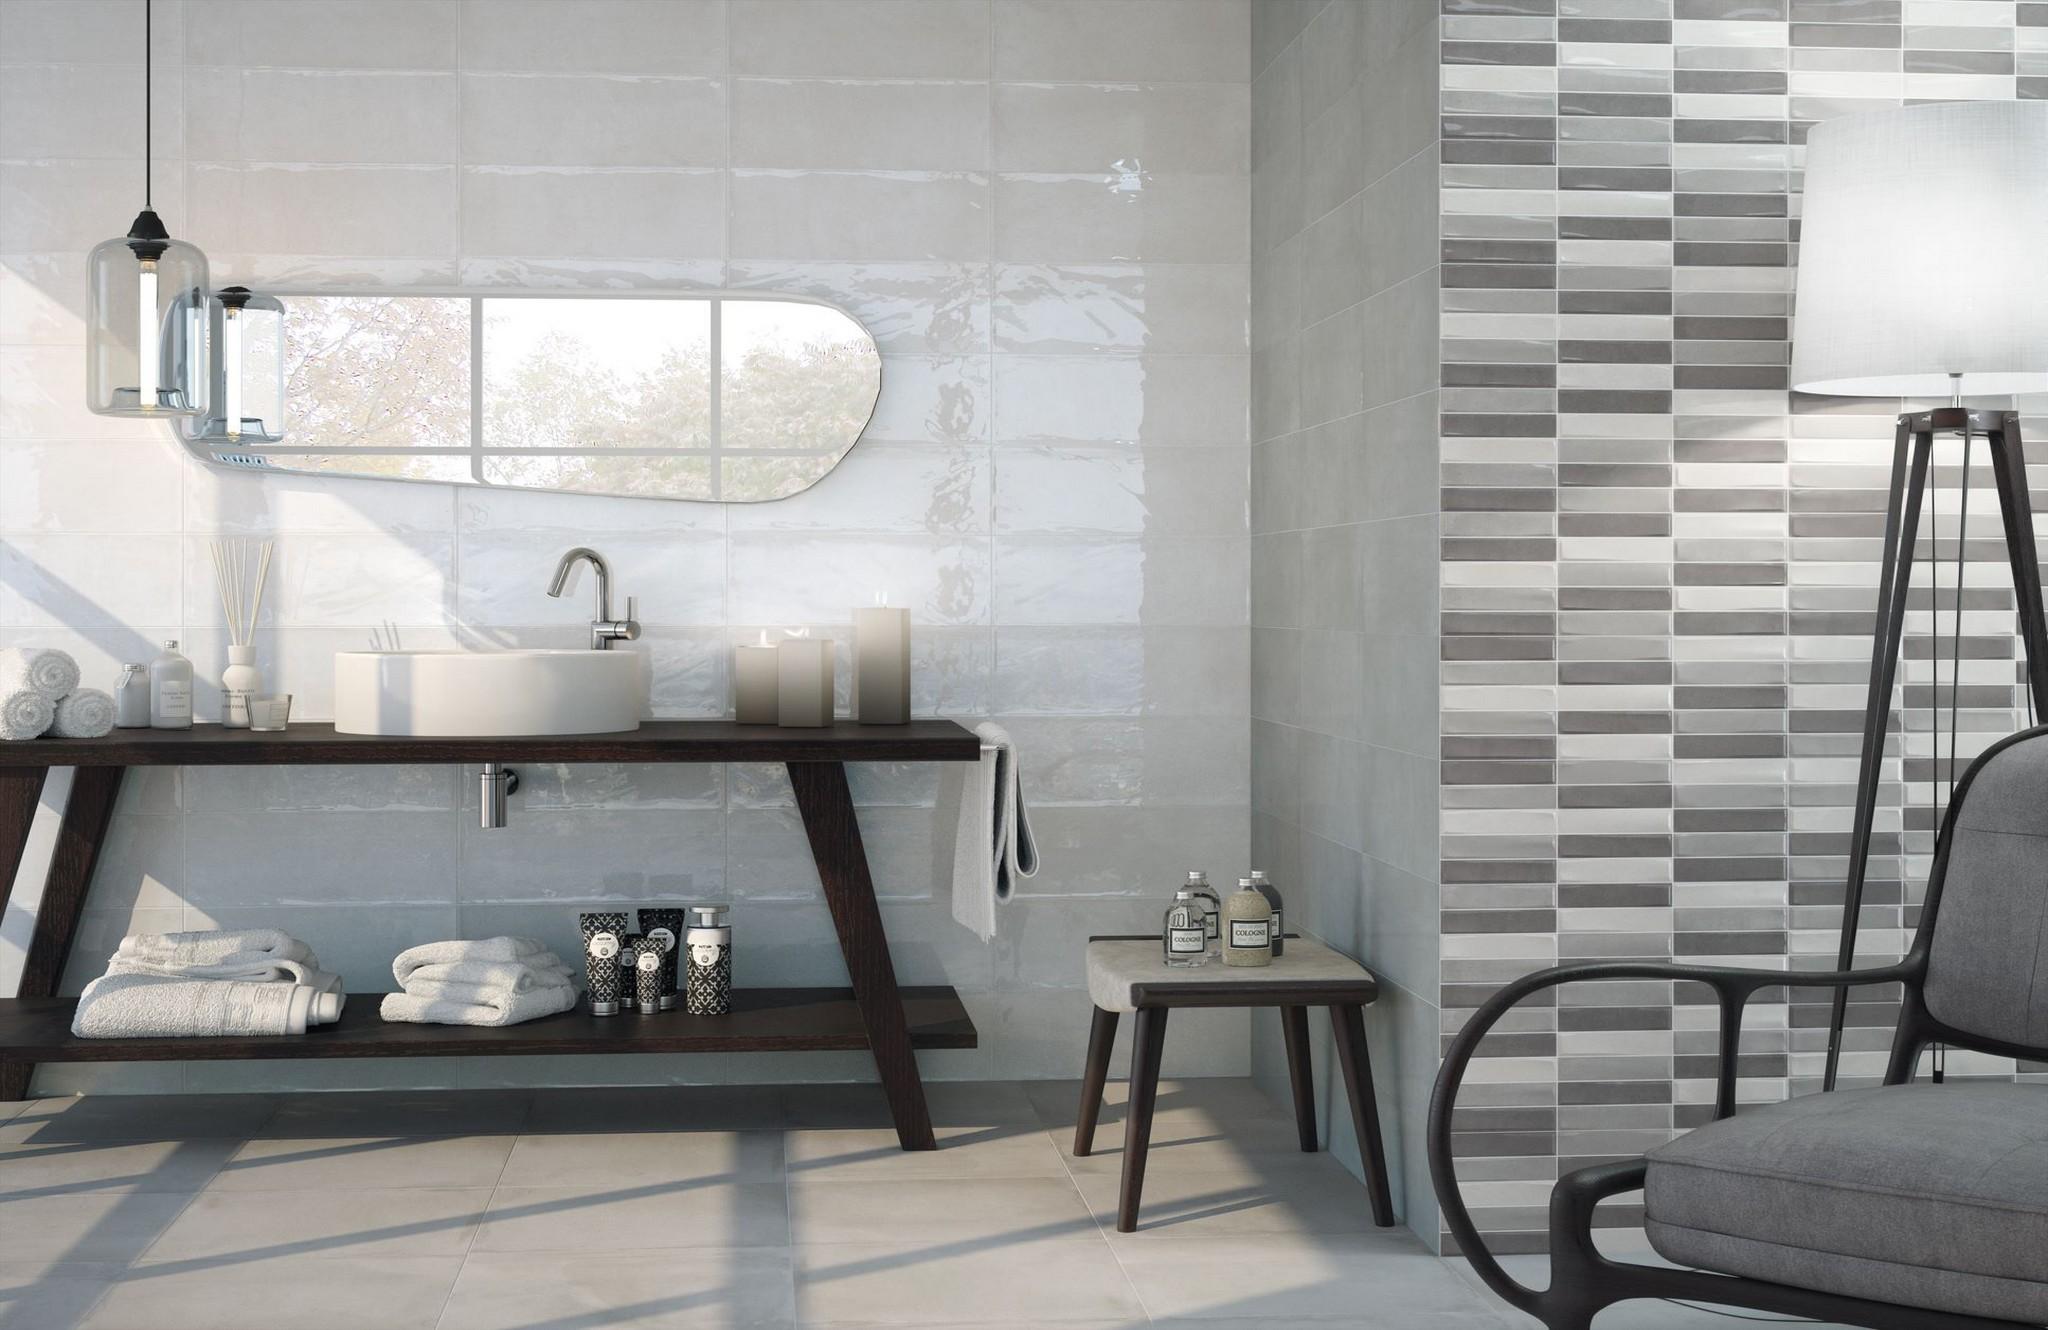 faience salle de bain cifre serie madison 20x50 1 choix - Choix Carrelage Salle De Bain